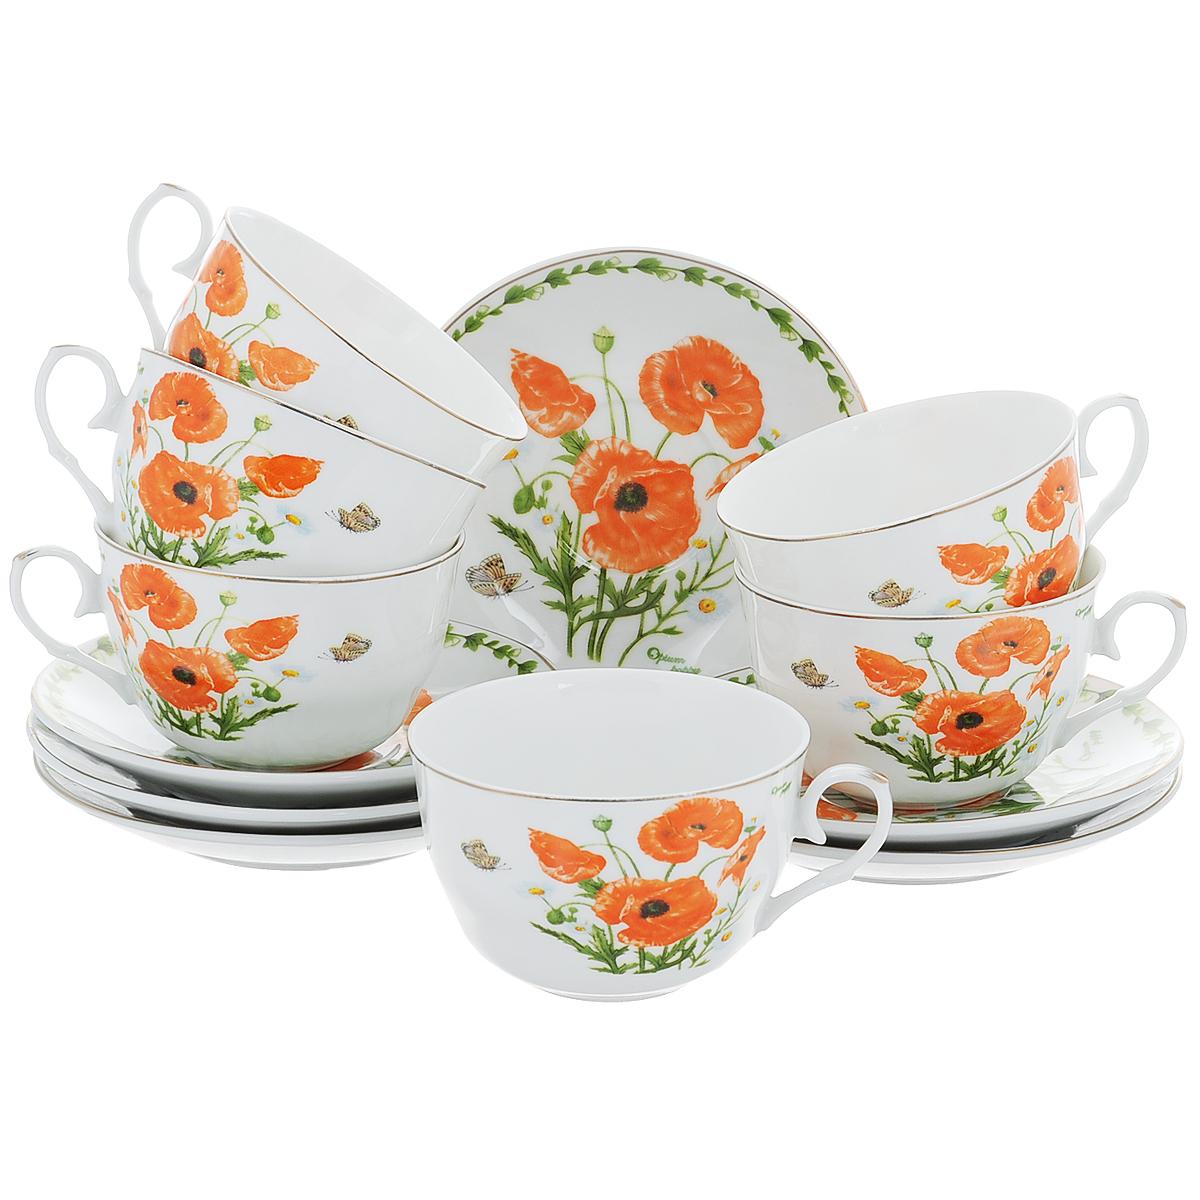 Набор чайный Briswild Маки на поляне, 12 предметов. 543-262543-262Чайный набор Briswild Маки на поляне состоит из шести чашек и шести блюдец. Изделия выполнены из высококачественного фарфора и оформлены красочным цветочным рисунком. Изящный набор красиво оформит стол к чаепитию и станет приятным подарком к любому случаю. Набор упакован в подарочную коробку, внутренняя поверхность которой задрапирована белой атласной тканью.Не использовать в микроволновой печи. Не применять абразивные моющие средства.